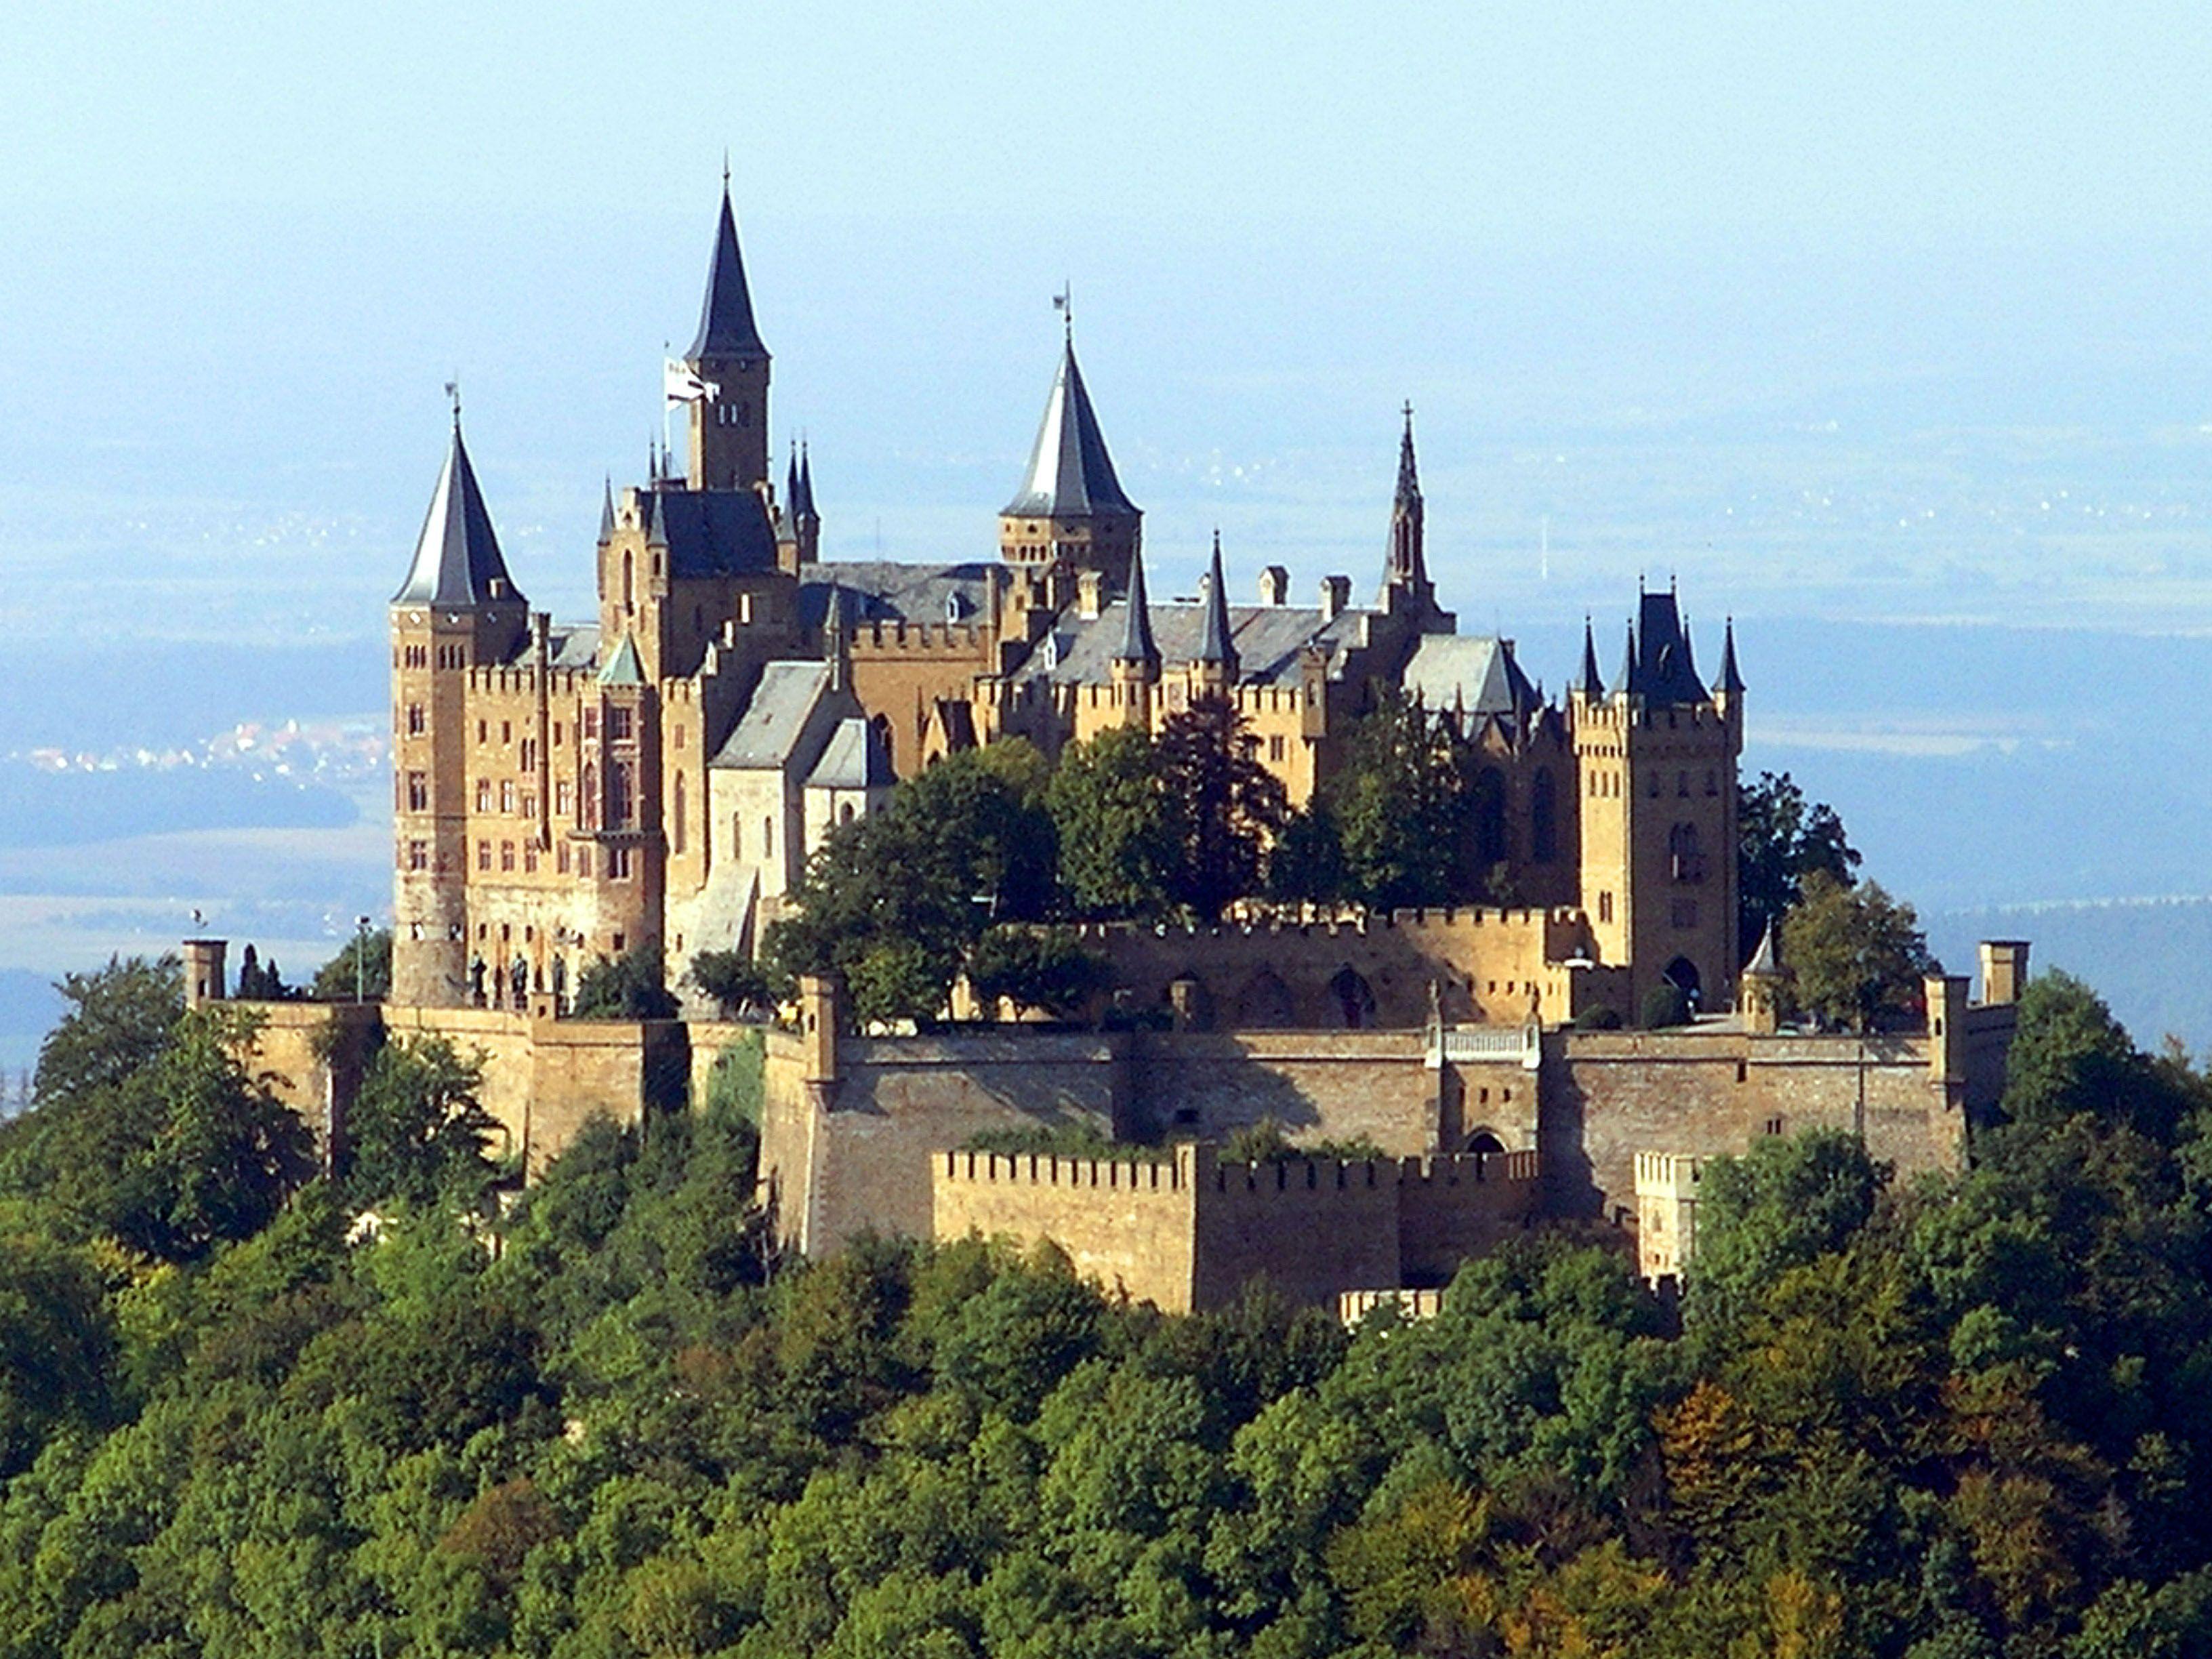 Castillo De Hohenzollern En Hechingen Baden Wurtemberg Alemania Contruccion De 1846 A 1867 Deutschland Burgen Mittelalterliche Burg Burg